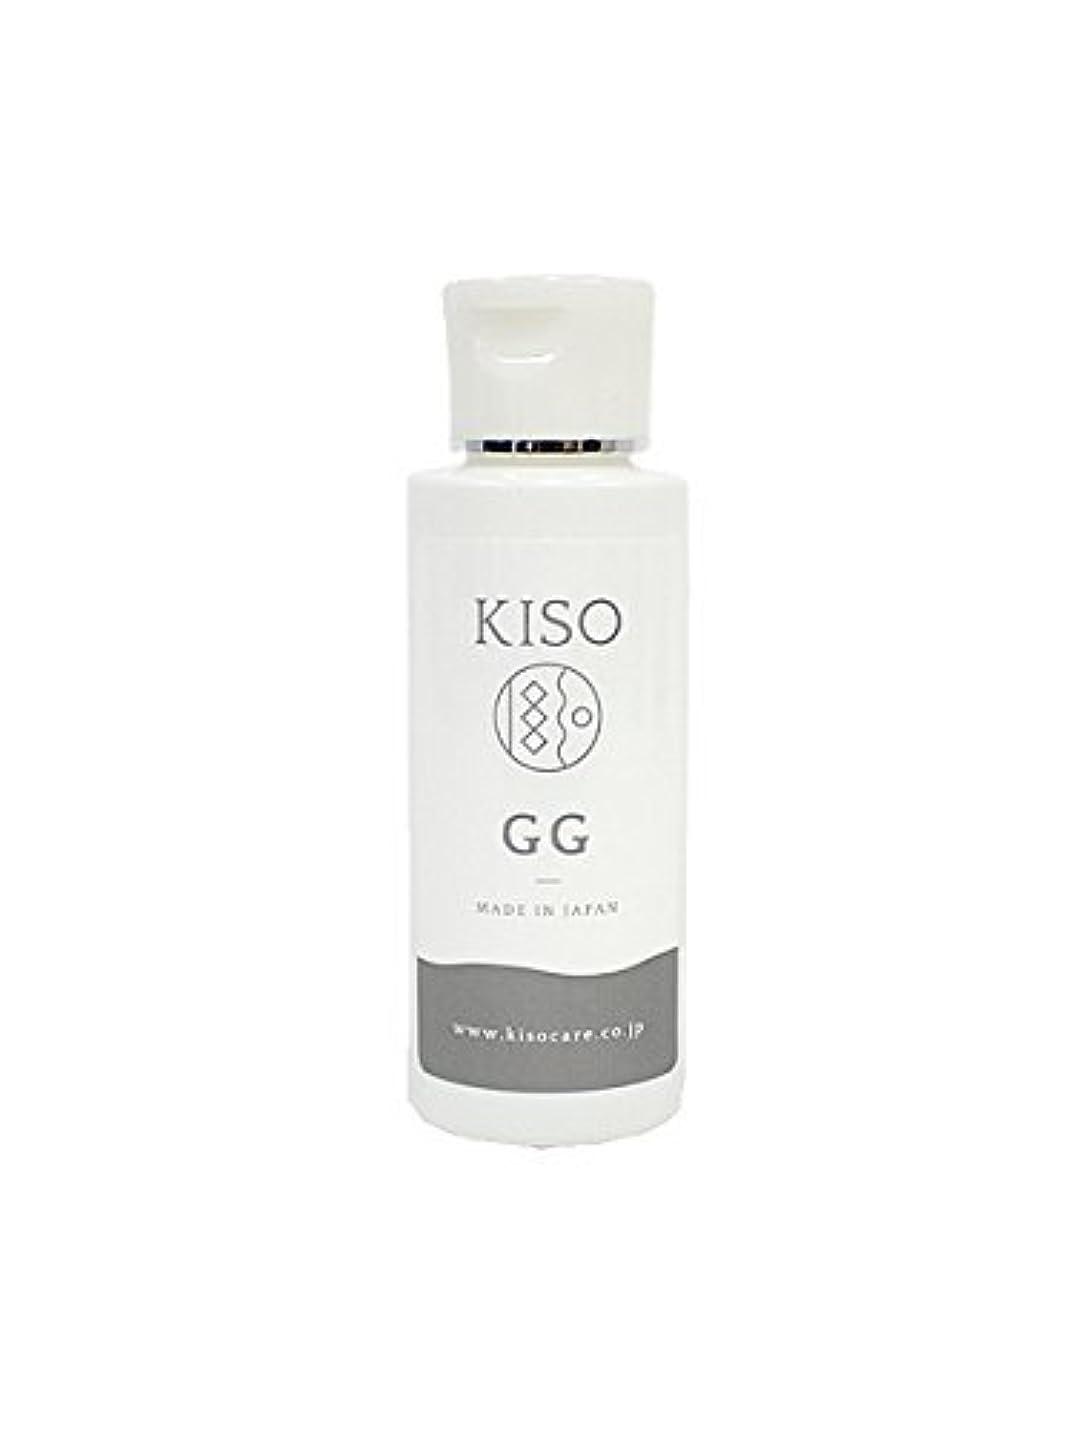 住居グリーンバック配列KISO グリシルグリシン5% 高配合美容水 【GGエッセンス 50mL】 肌のキメを整える?肌をひきしめる